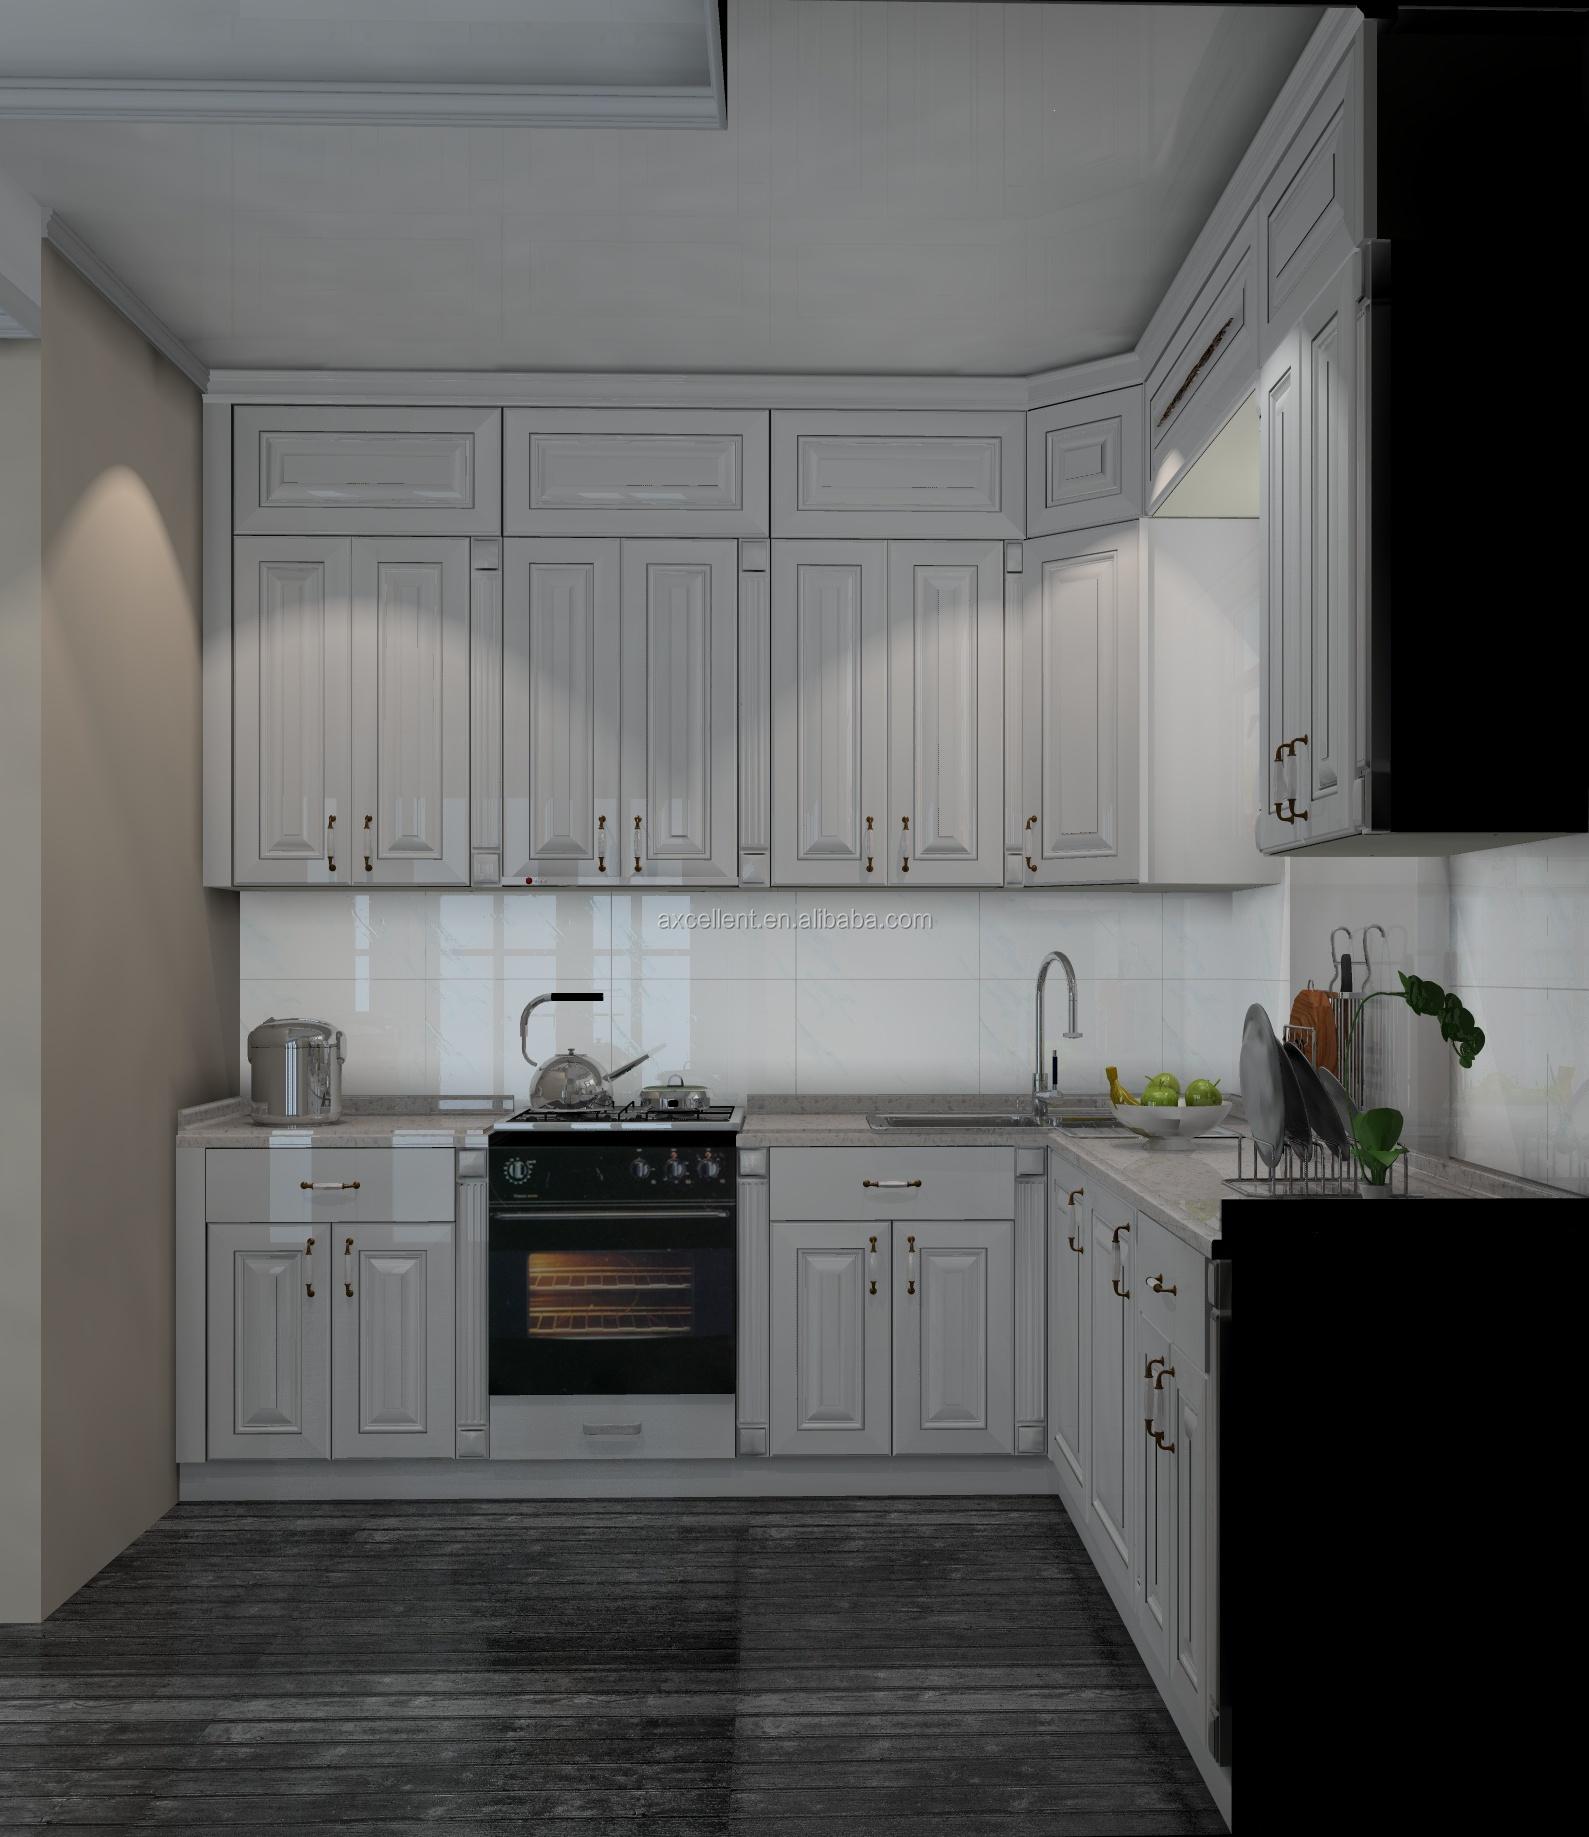 armoires de cuisine en bois massif style ancien en bois de cerisier buy armoire de cuisine cerise armoires de cuisine de style ancien armoires de